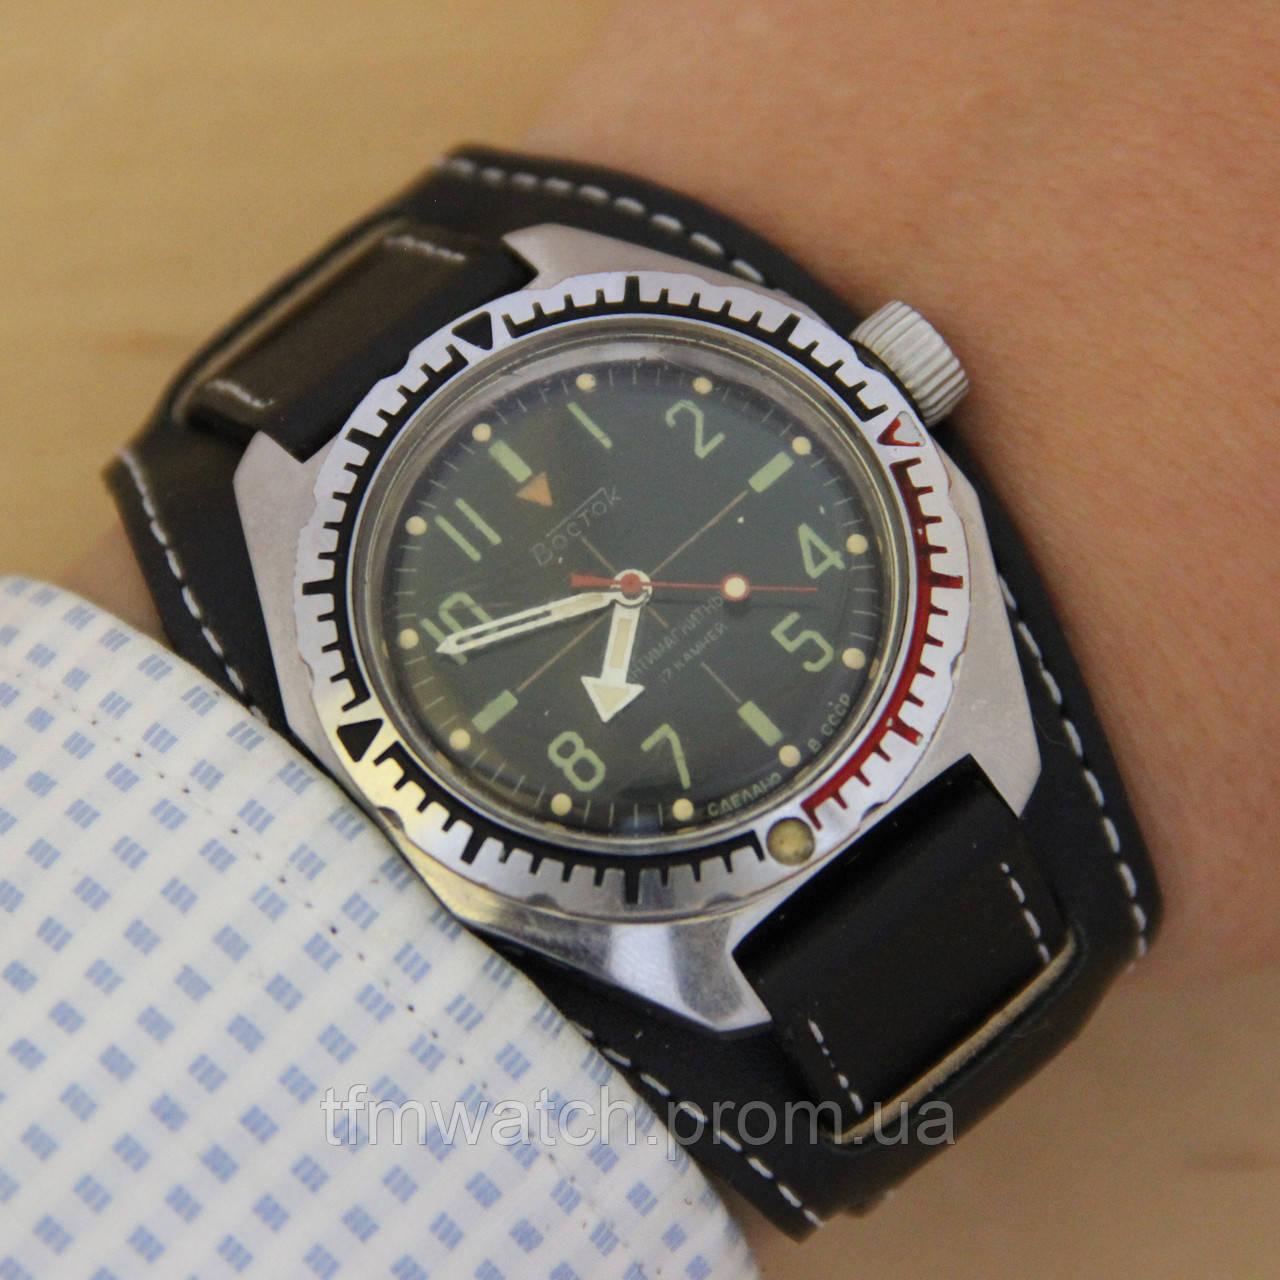 Купить часы амфибия в москве купить старинные часы в ярославле